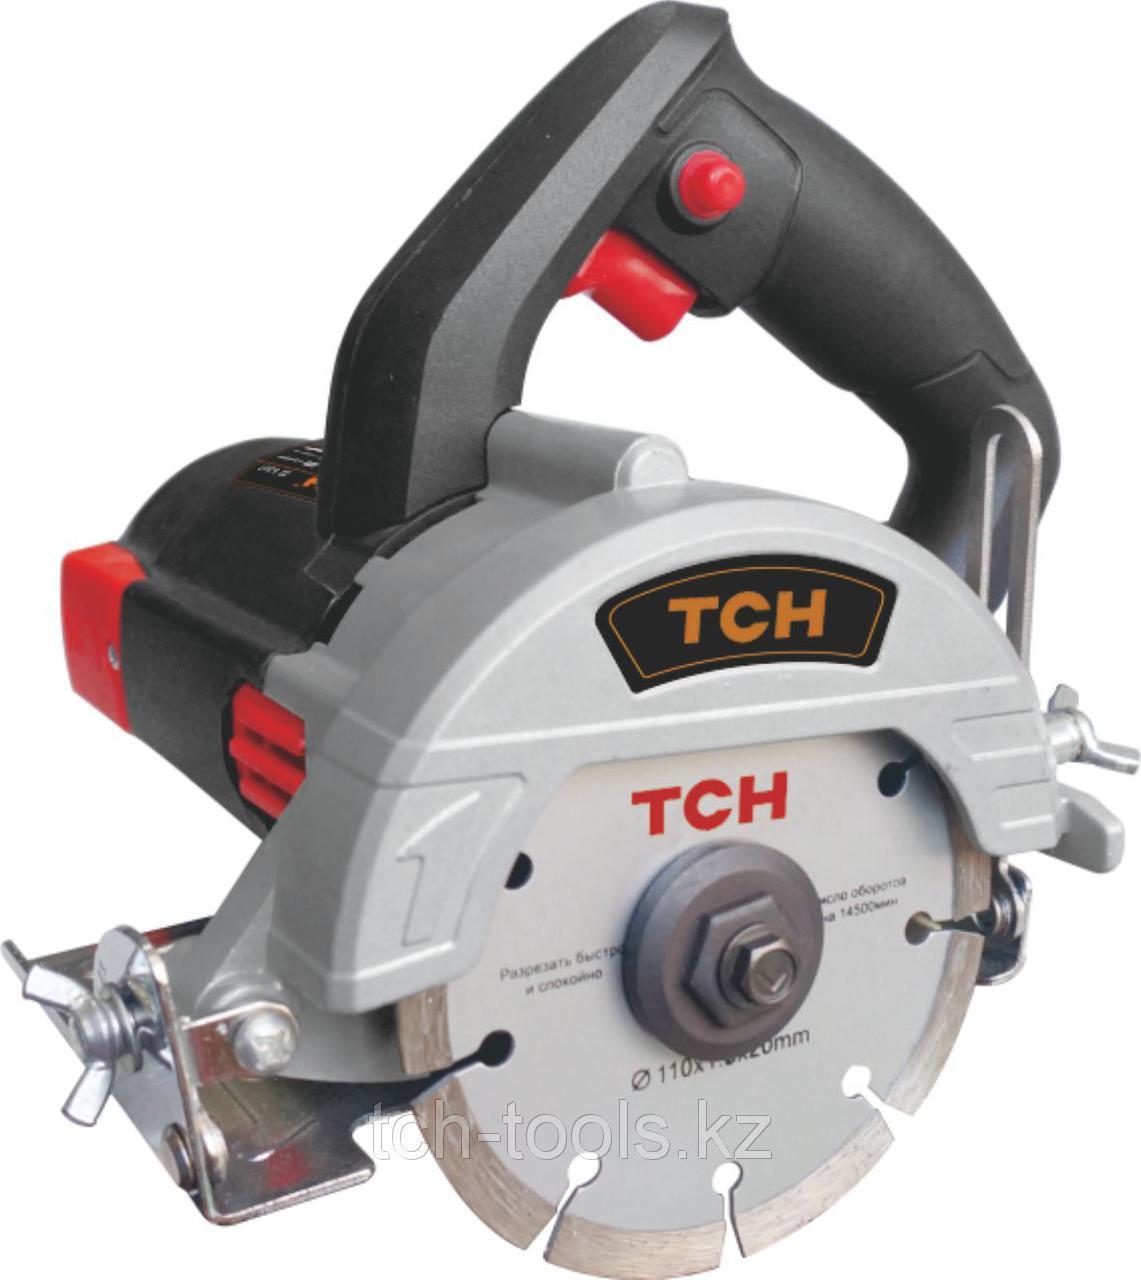 Пила дисковая (циркулярная) TCH ZZ6207